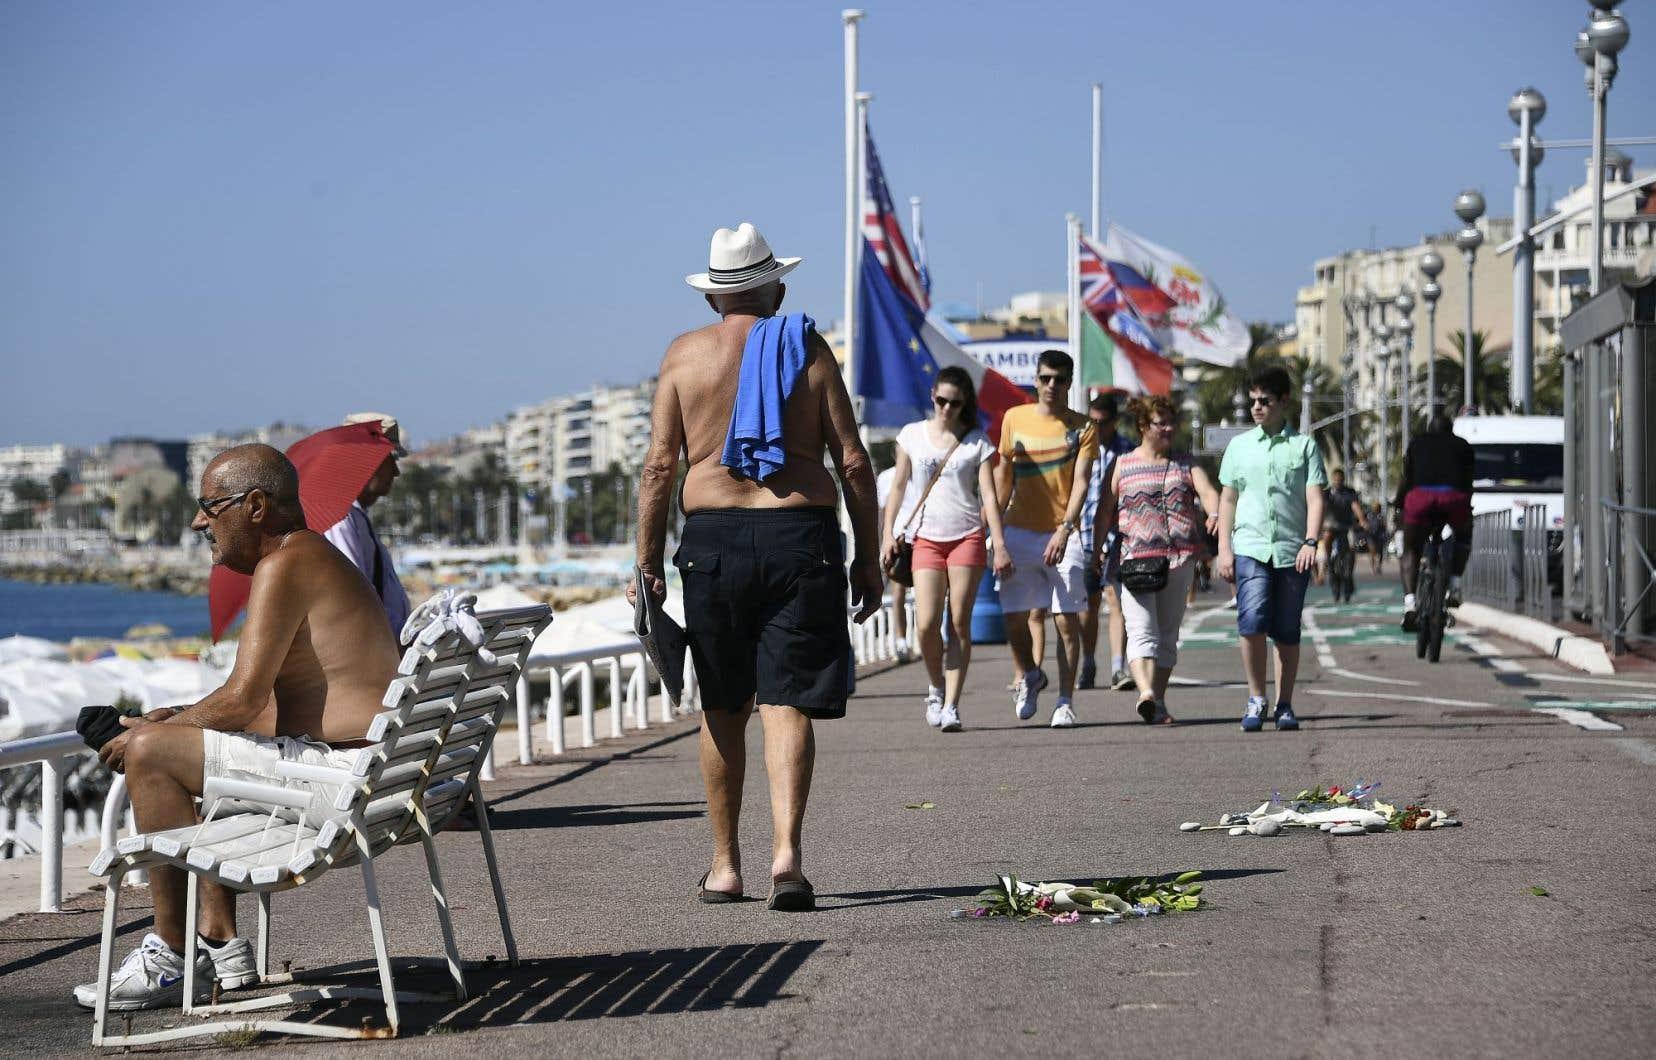 Sur la promenade des Anglais, des marcheurs circulent près des fleurs déposées au sol pour honorer la mémoire des victimes de l'attentat.